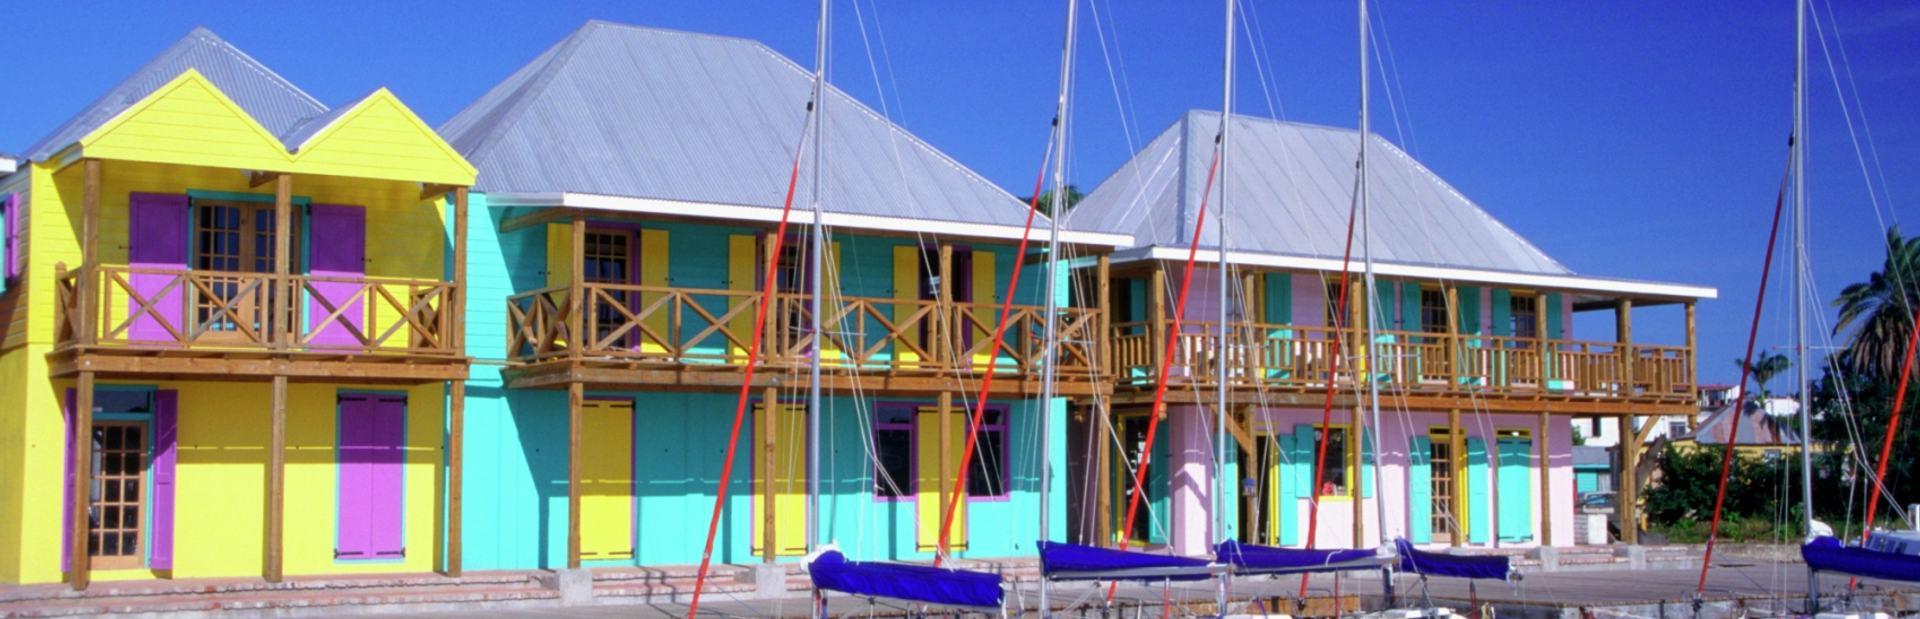 Leeward Islands photo tour